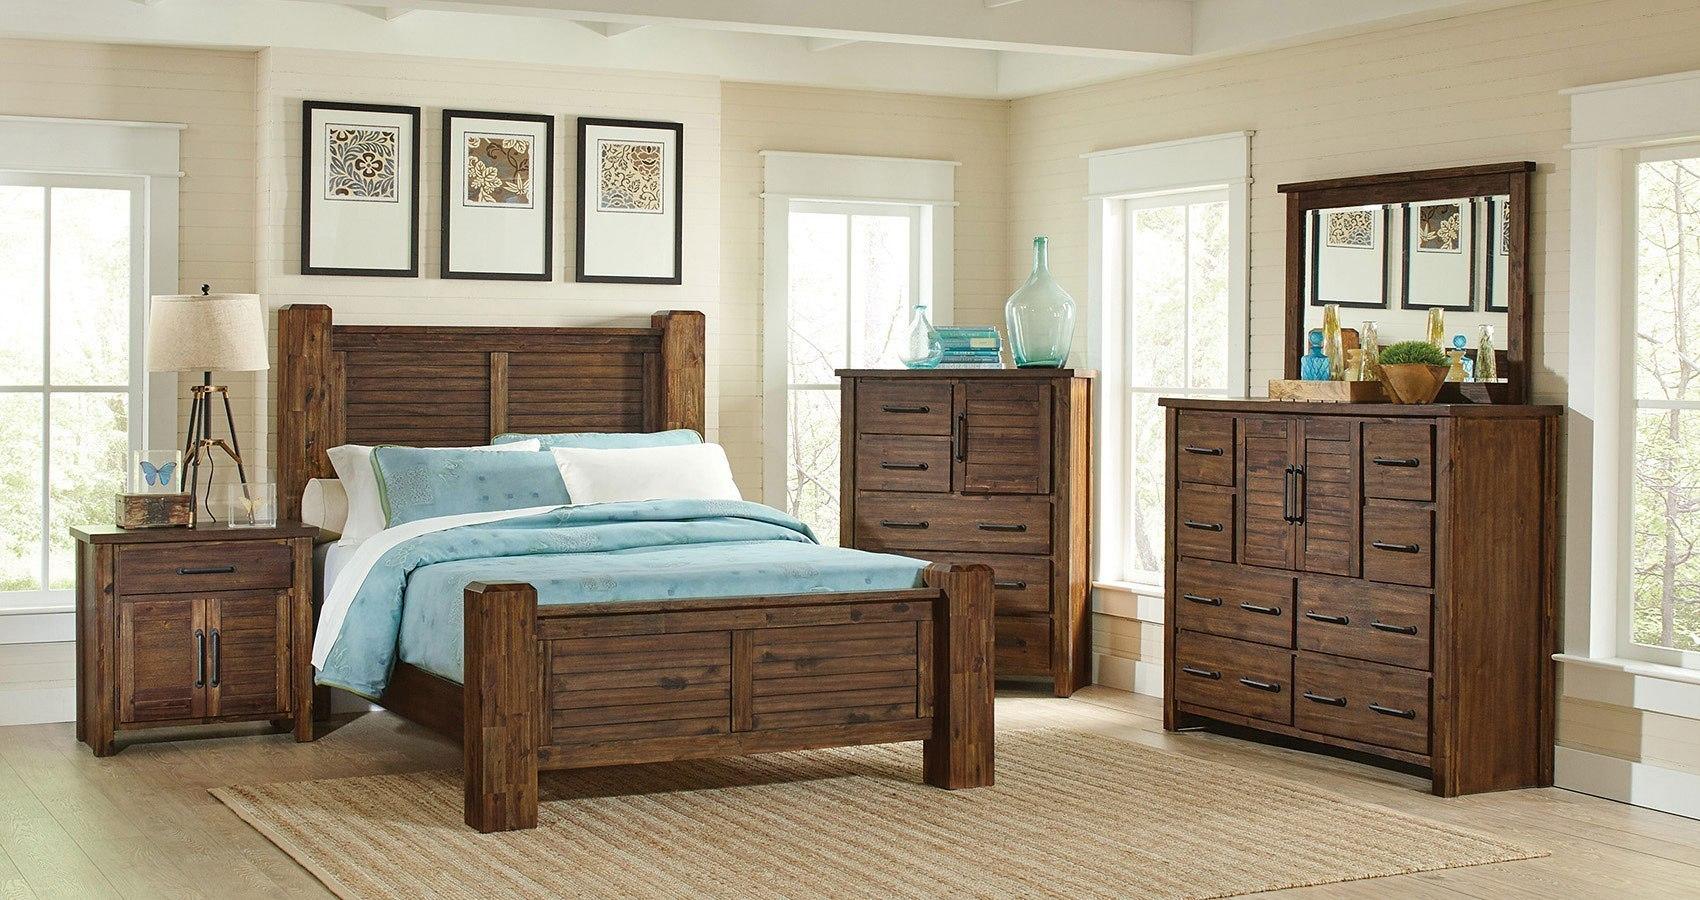 Sutter Creek Poster Bedroom Set Coaster Furniture